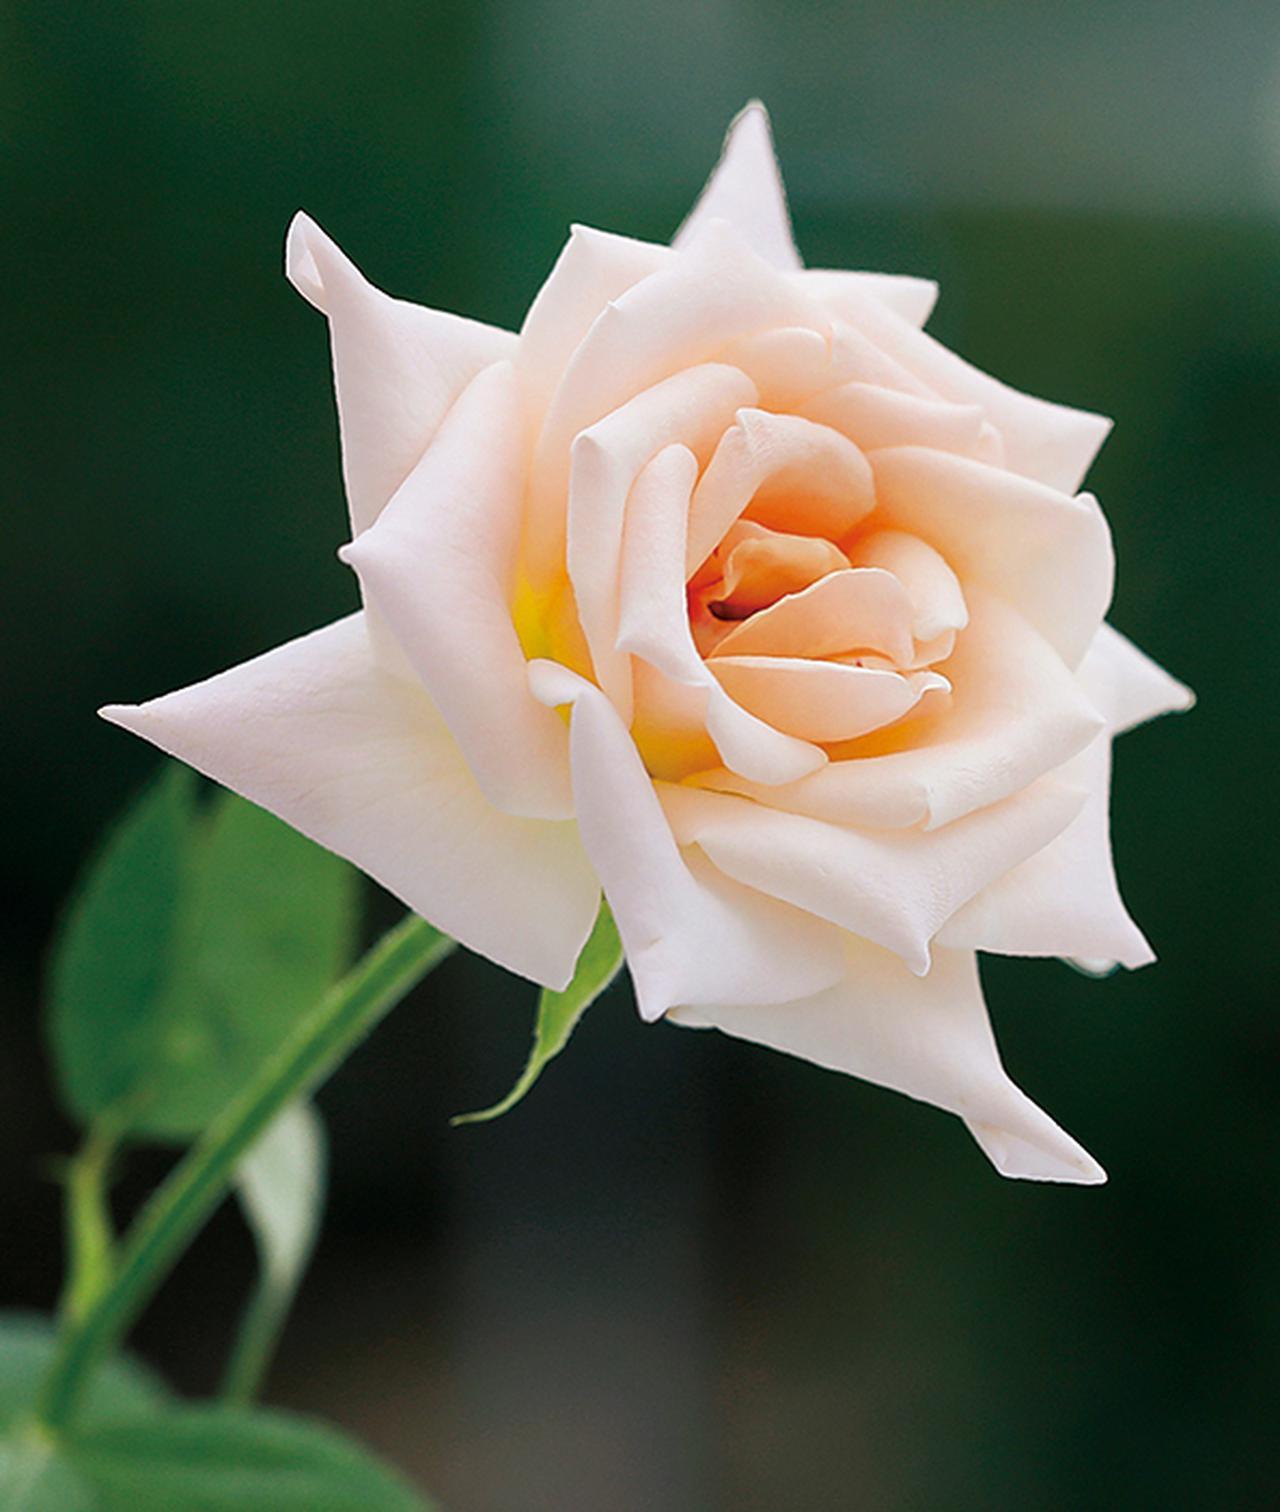 Images : 7番目の画像 - 「Rose Farm KEIJIが 生み出す唯一無二の「和ばら」。 その名前にこめられた想いを紐とく」のアルバム - T JAPAN:The New York Times Style Magazine 公式サイト